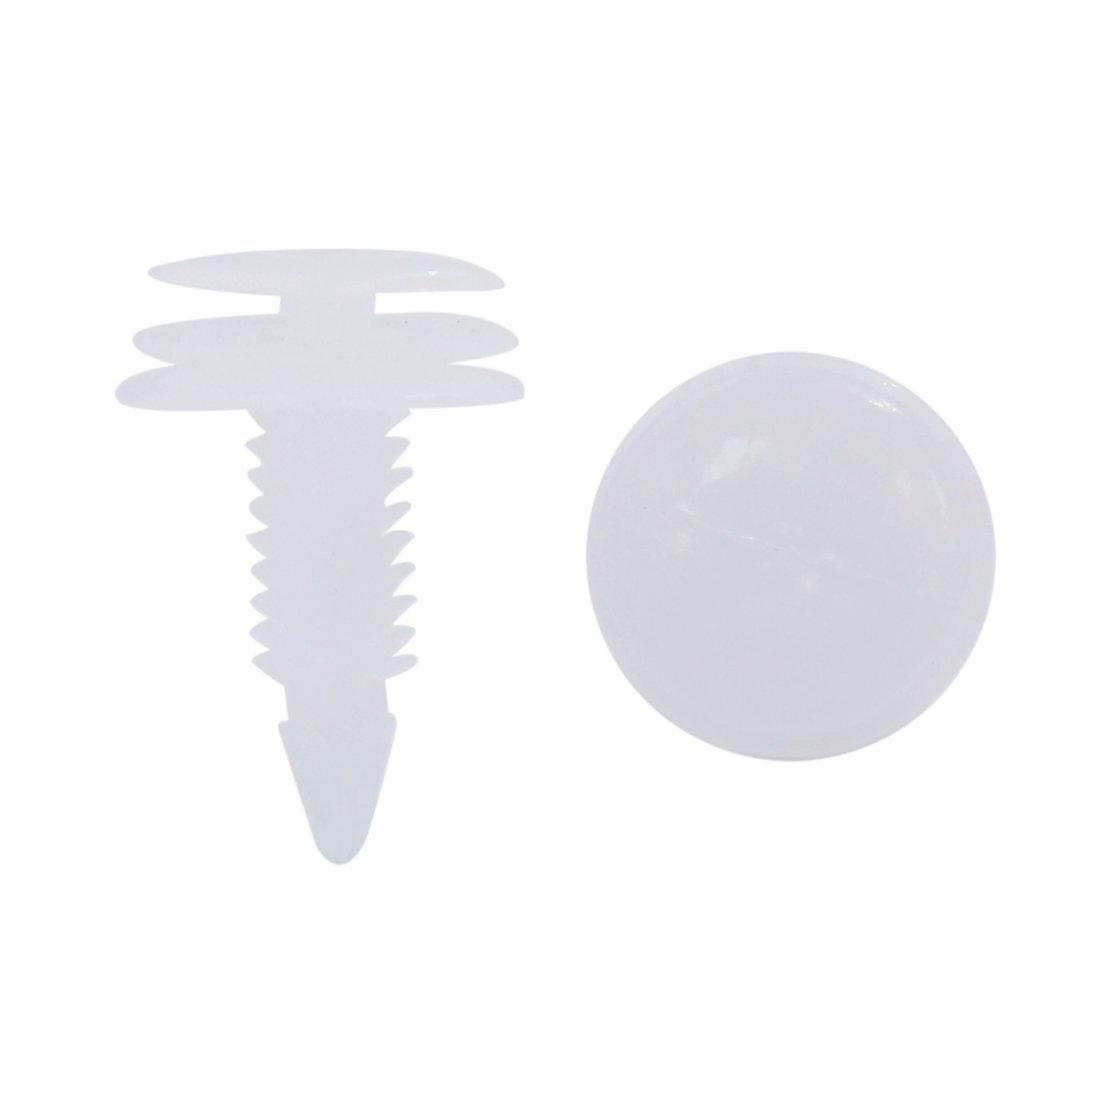 Sourcingmap 100Pcs 8x7,5mm Veh/ículo Grapas de Pl/ástico Blanco Sujeci/ón de Paneles Molduras Remaches